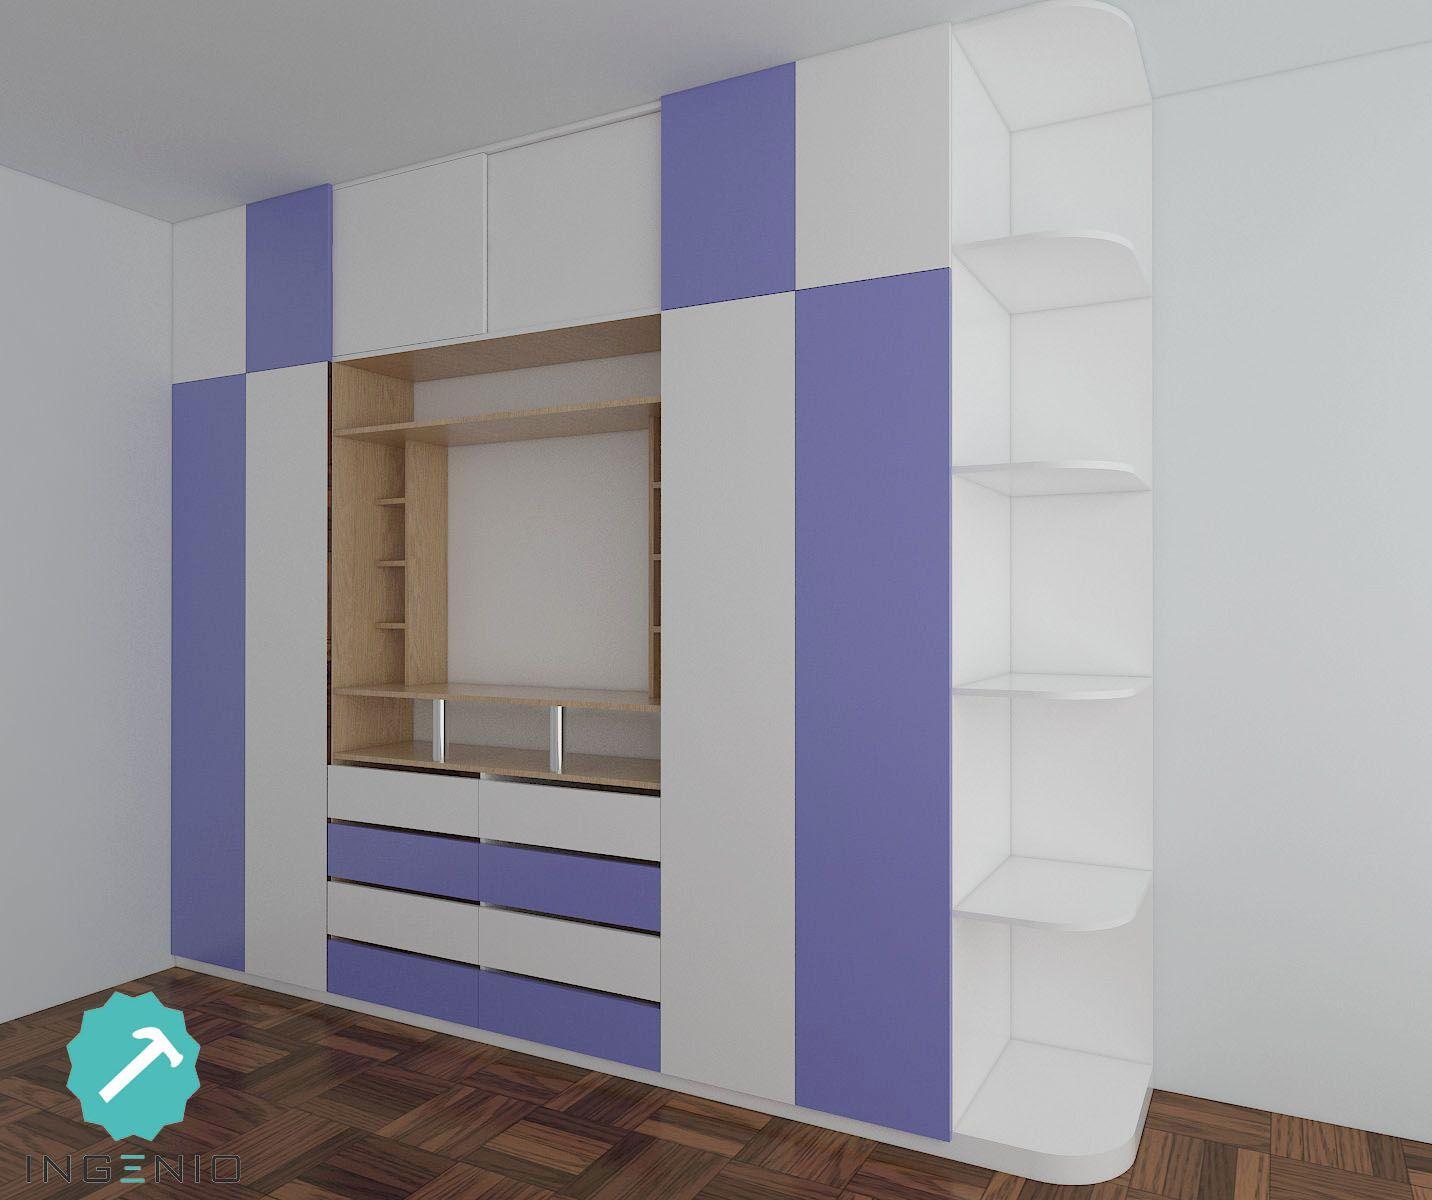 Mueble closet tv para dormitorio de ni os dise os for Modelo de tapiceria para dormitorio adulto